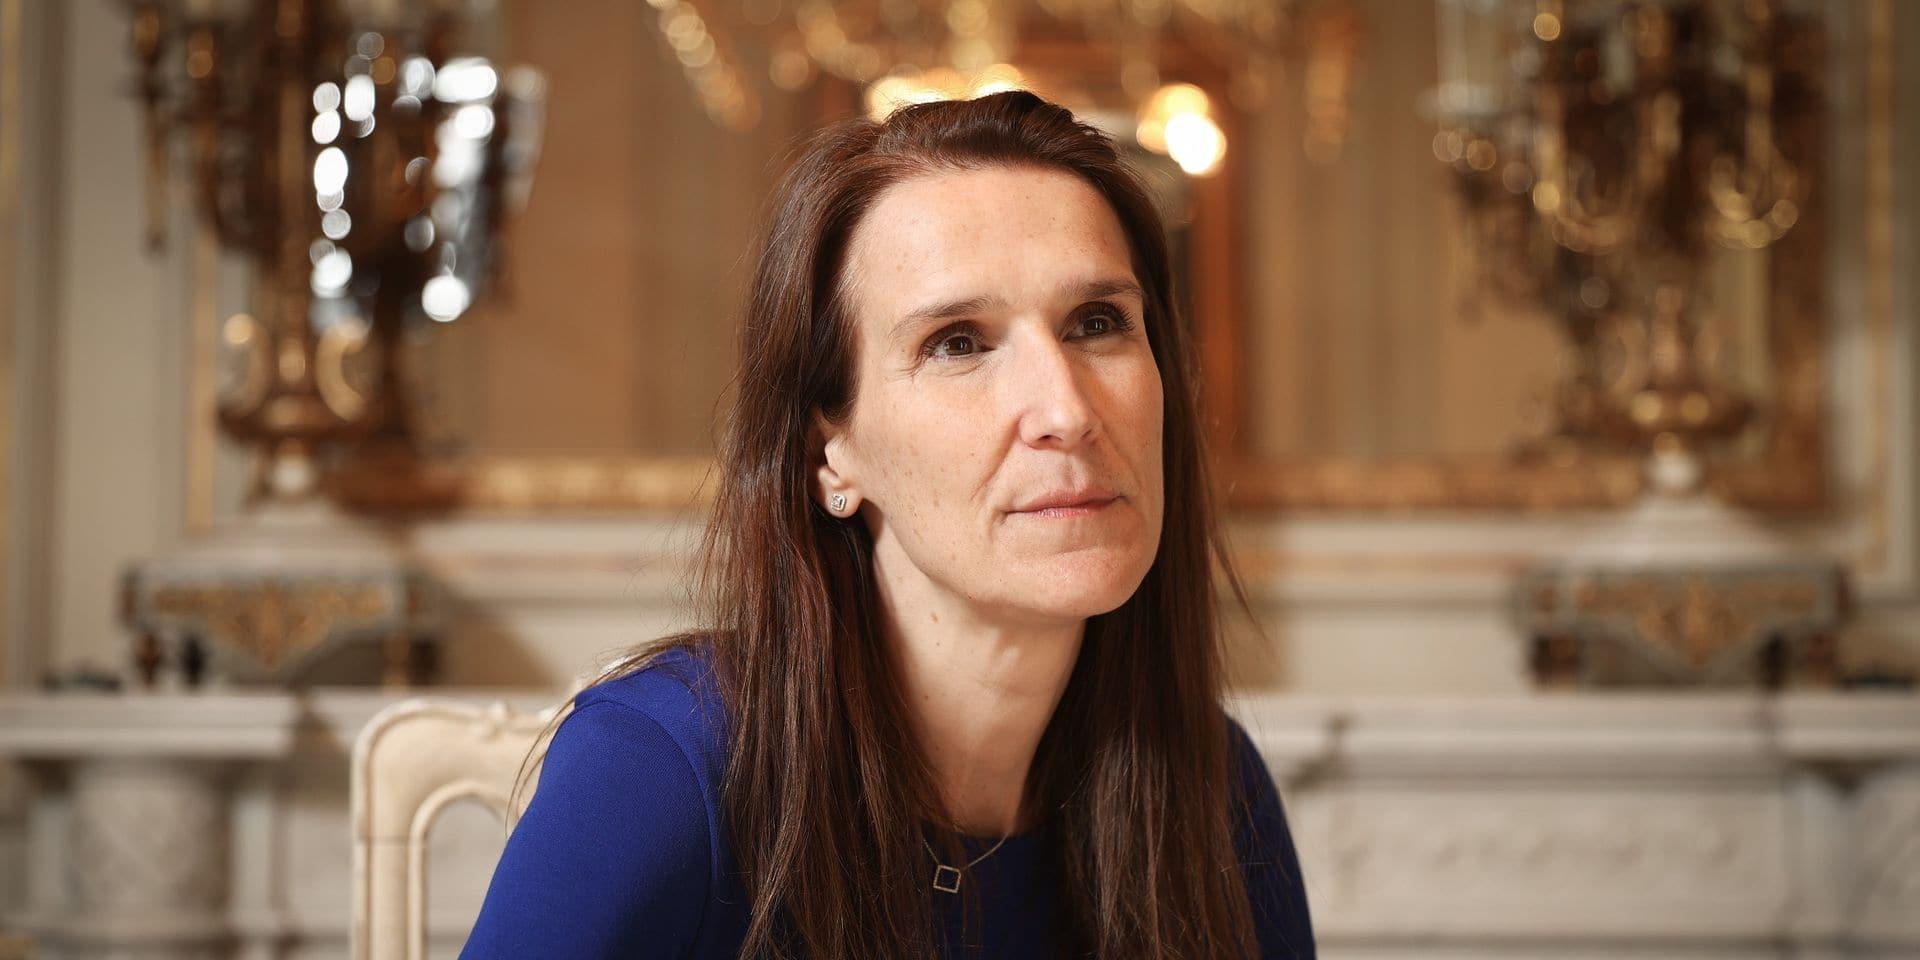 """Affaire Chovanec: """"La justice est indépendante, elle fait son travail et a notre confiance"""", affirme Sophie Wilmès"""